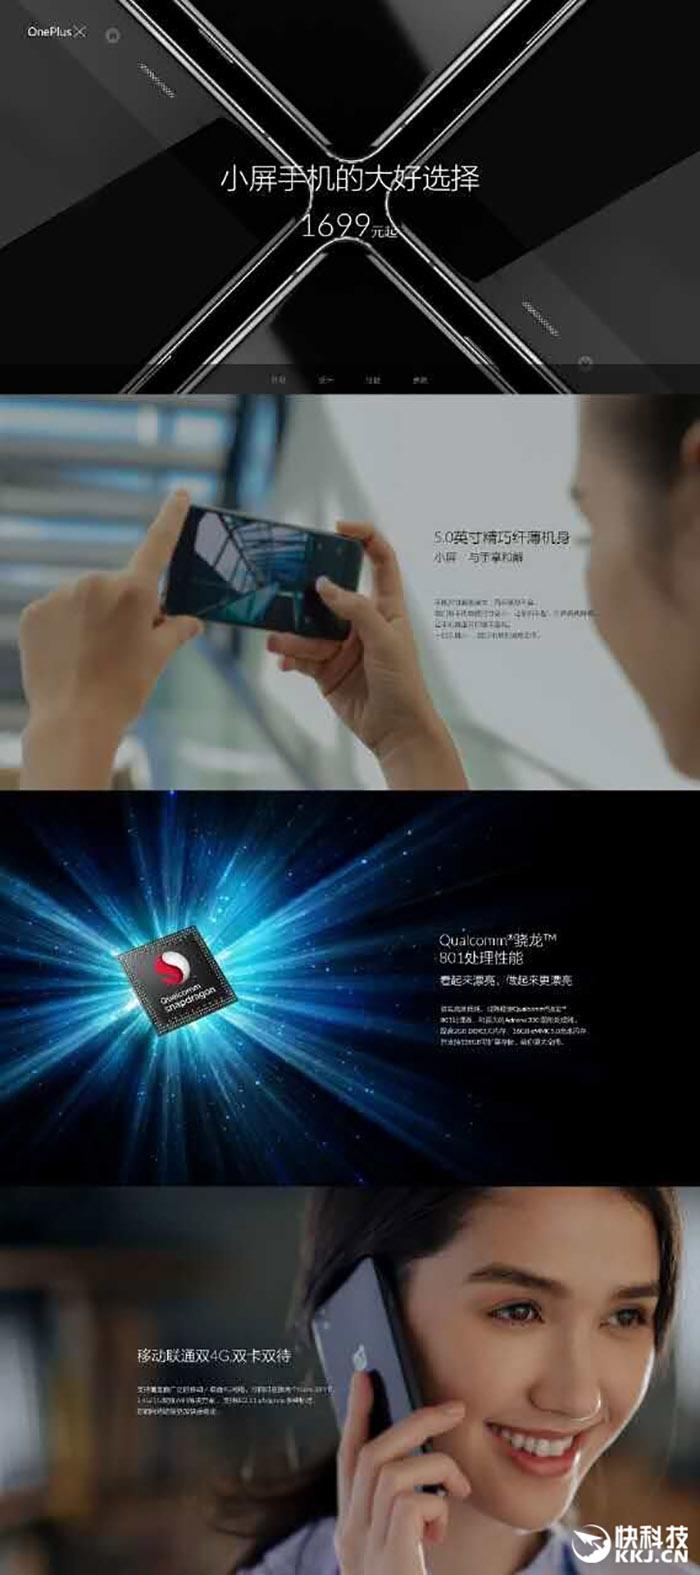 Слухи о новом OnePlus X